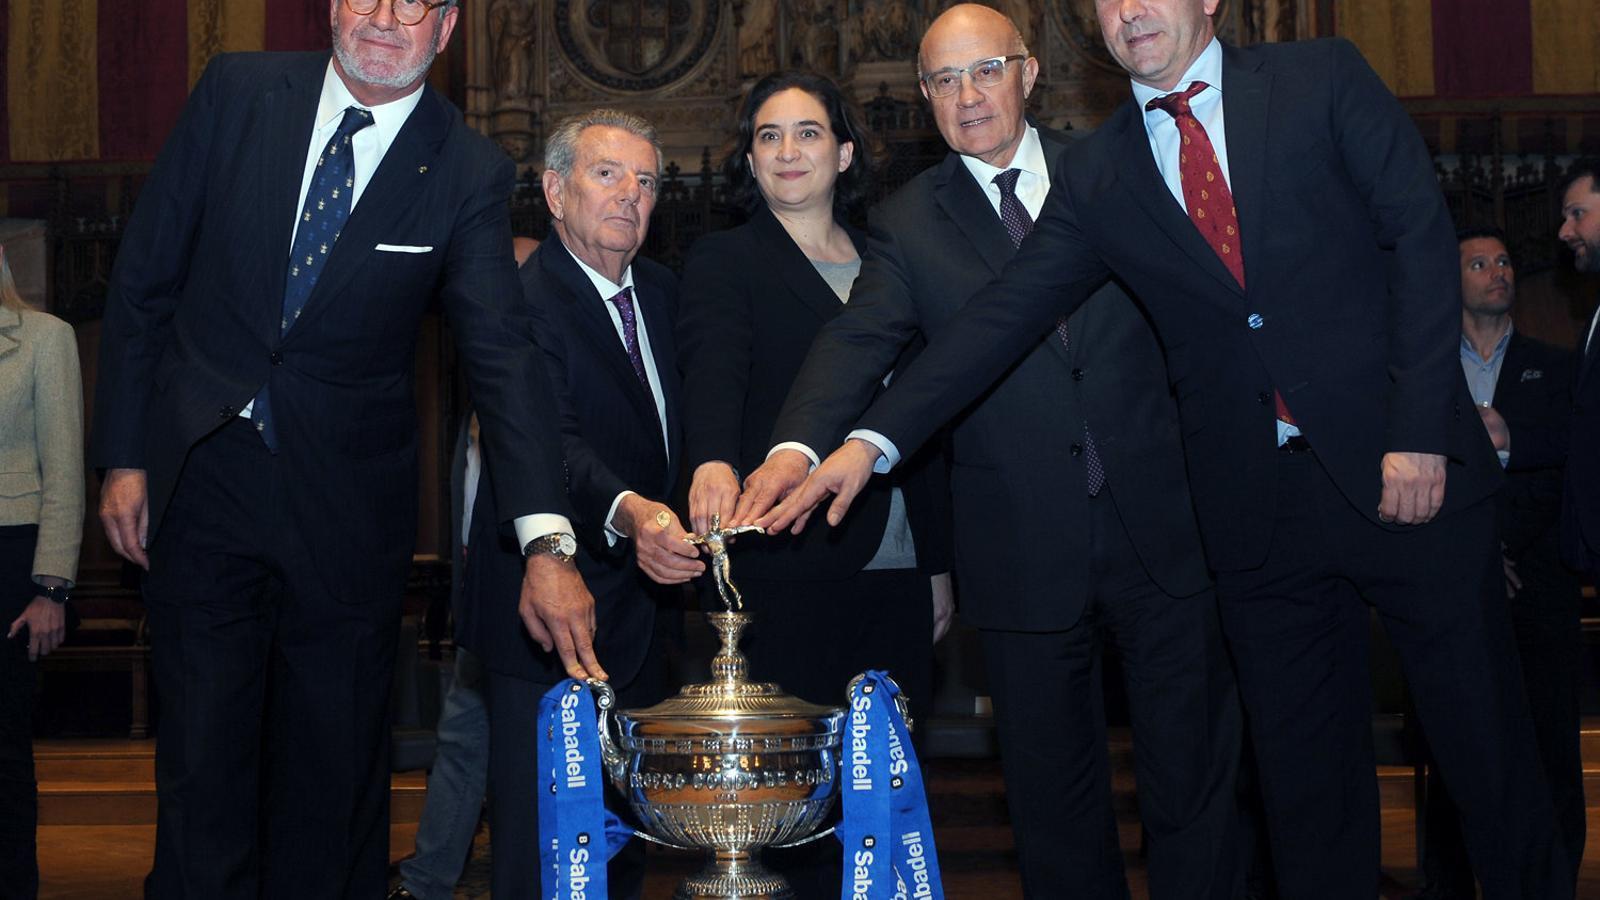 Agustí, Godó, Colau, Oliu i Costa, amb el trofeu.